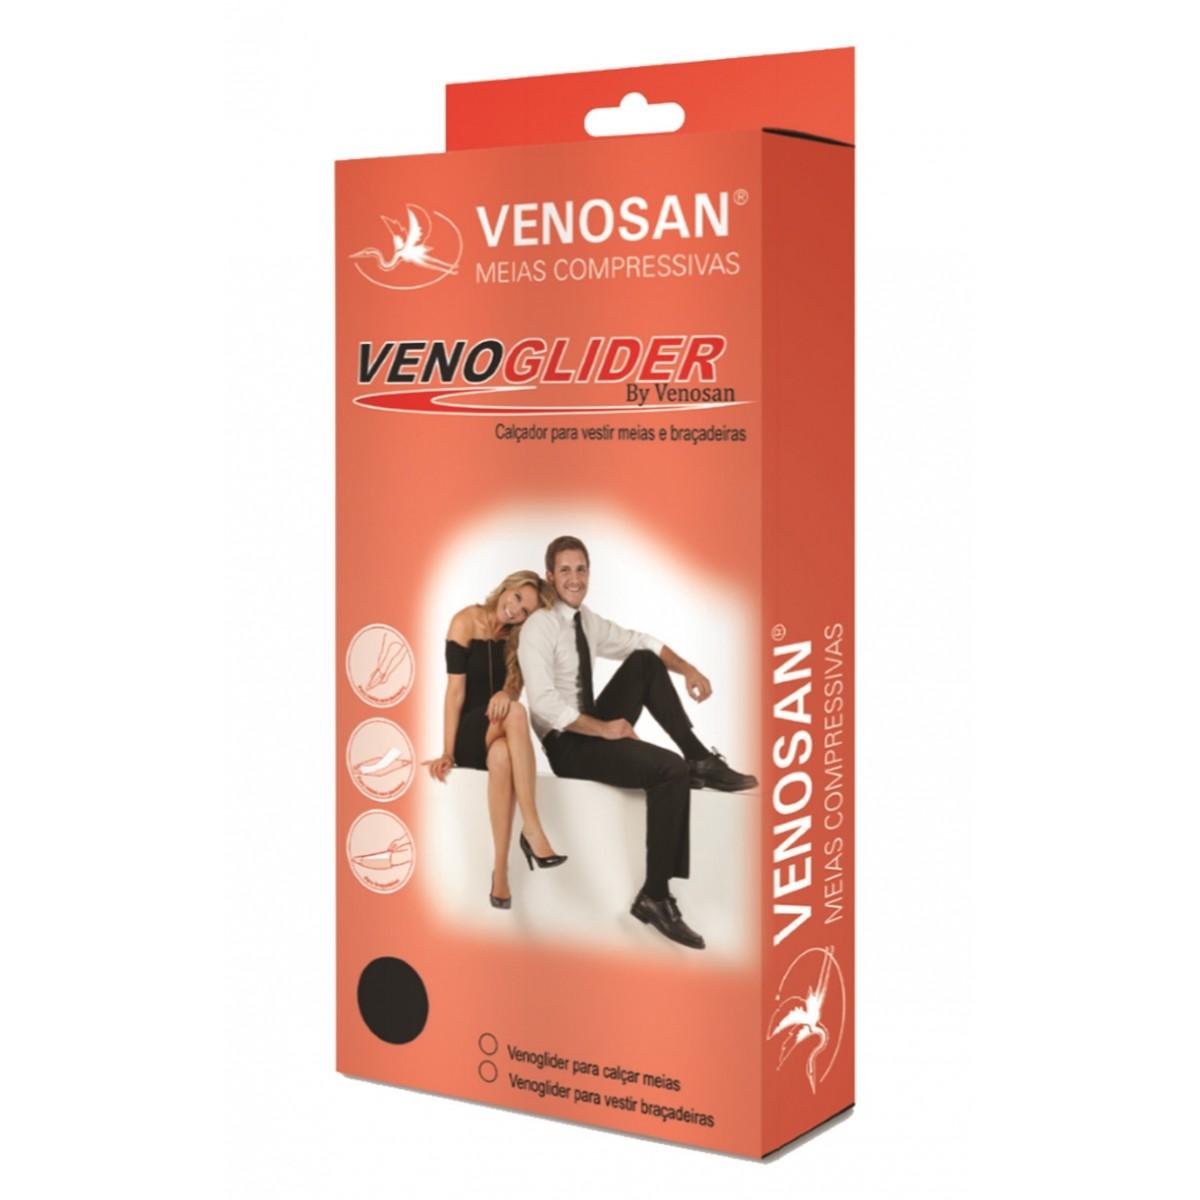 Calçador de meias Venoglider  - Servimedic Technology